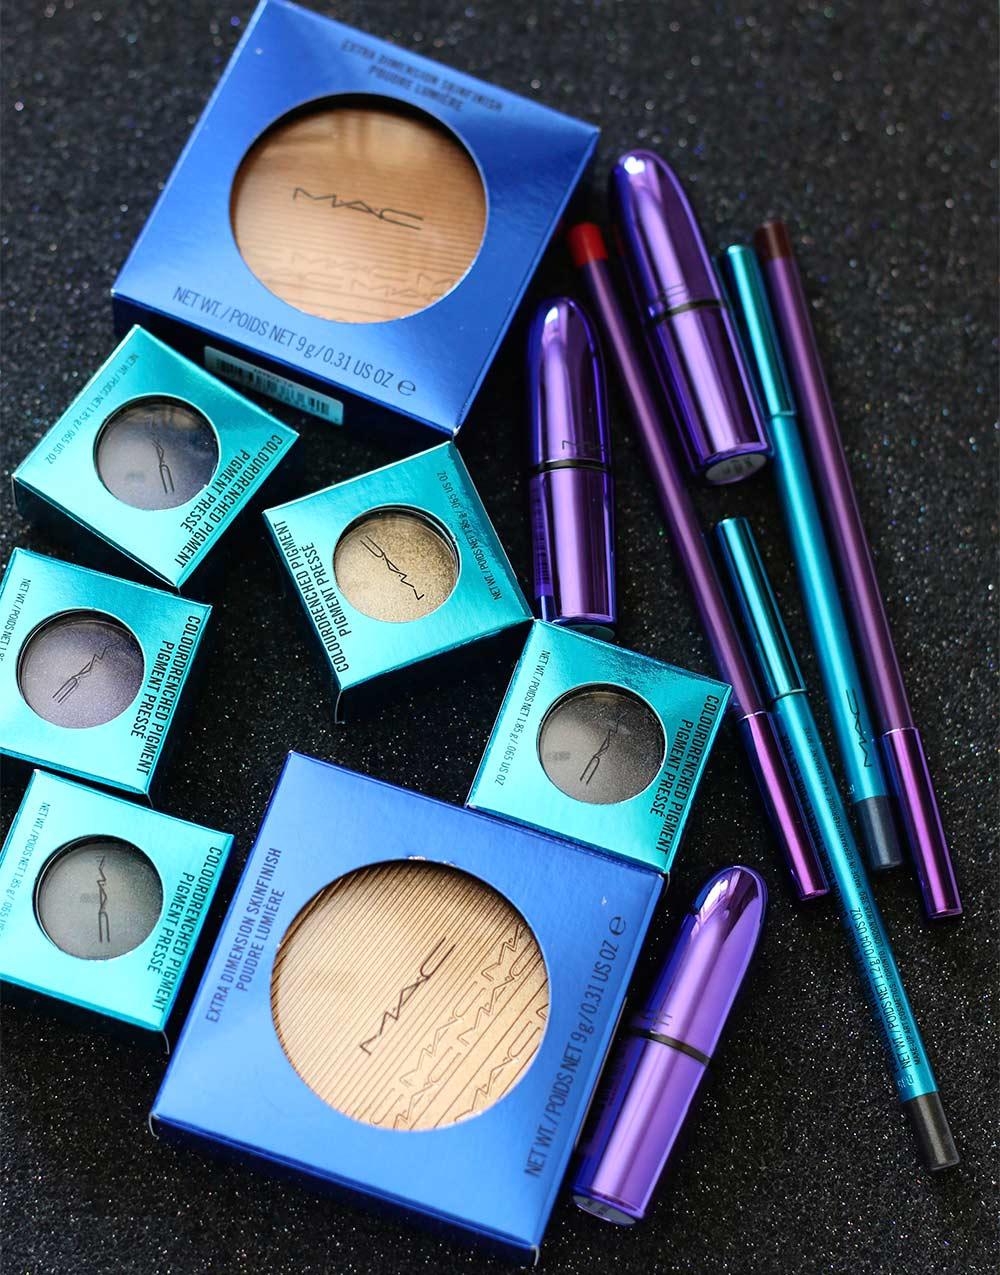 Mac Makeup Gift Sets 2016 | Saubhaya Makeup